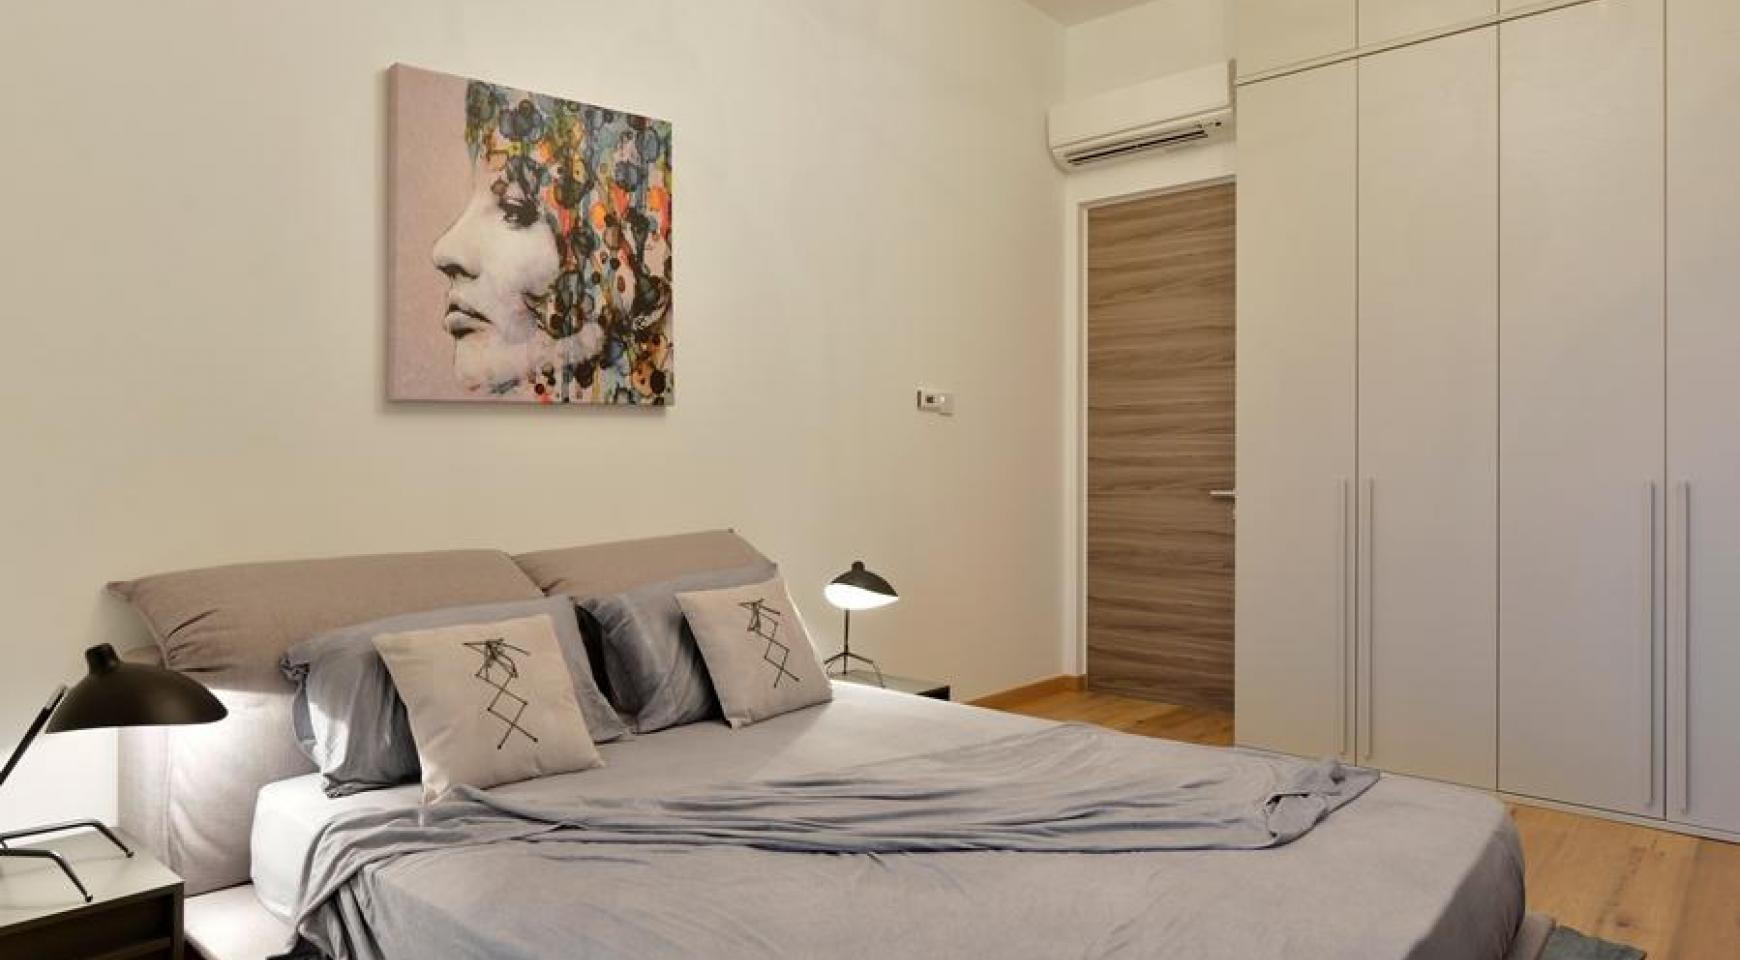 Πολυτελές διαμέρισμα 2 υπνοδωματίων με ταράτσα στο νεόδμητο συγκρότημα - 16